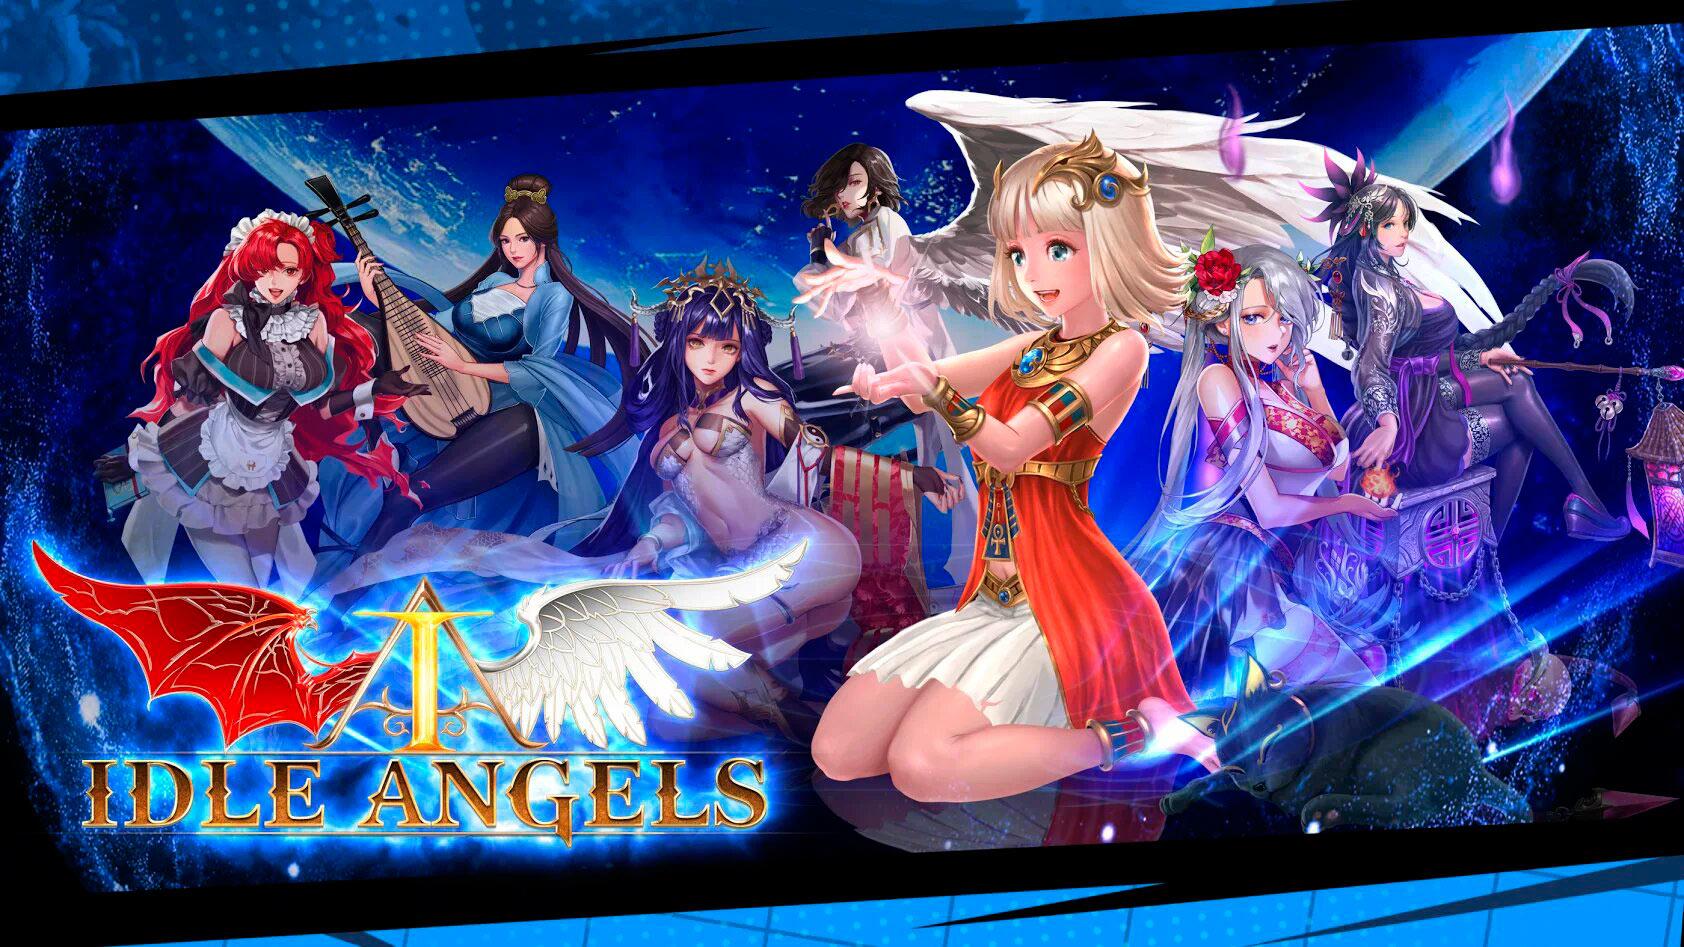 Idle Angels